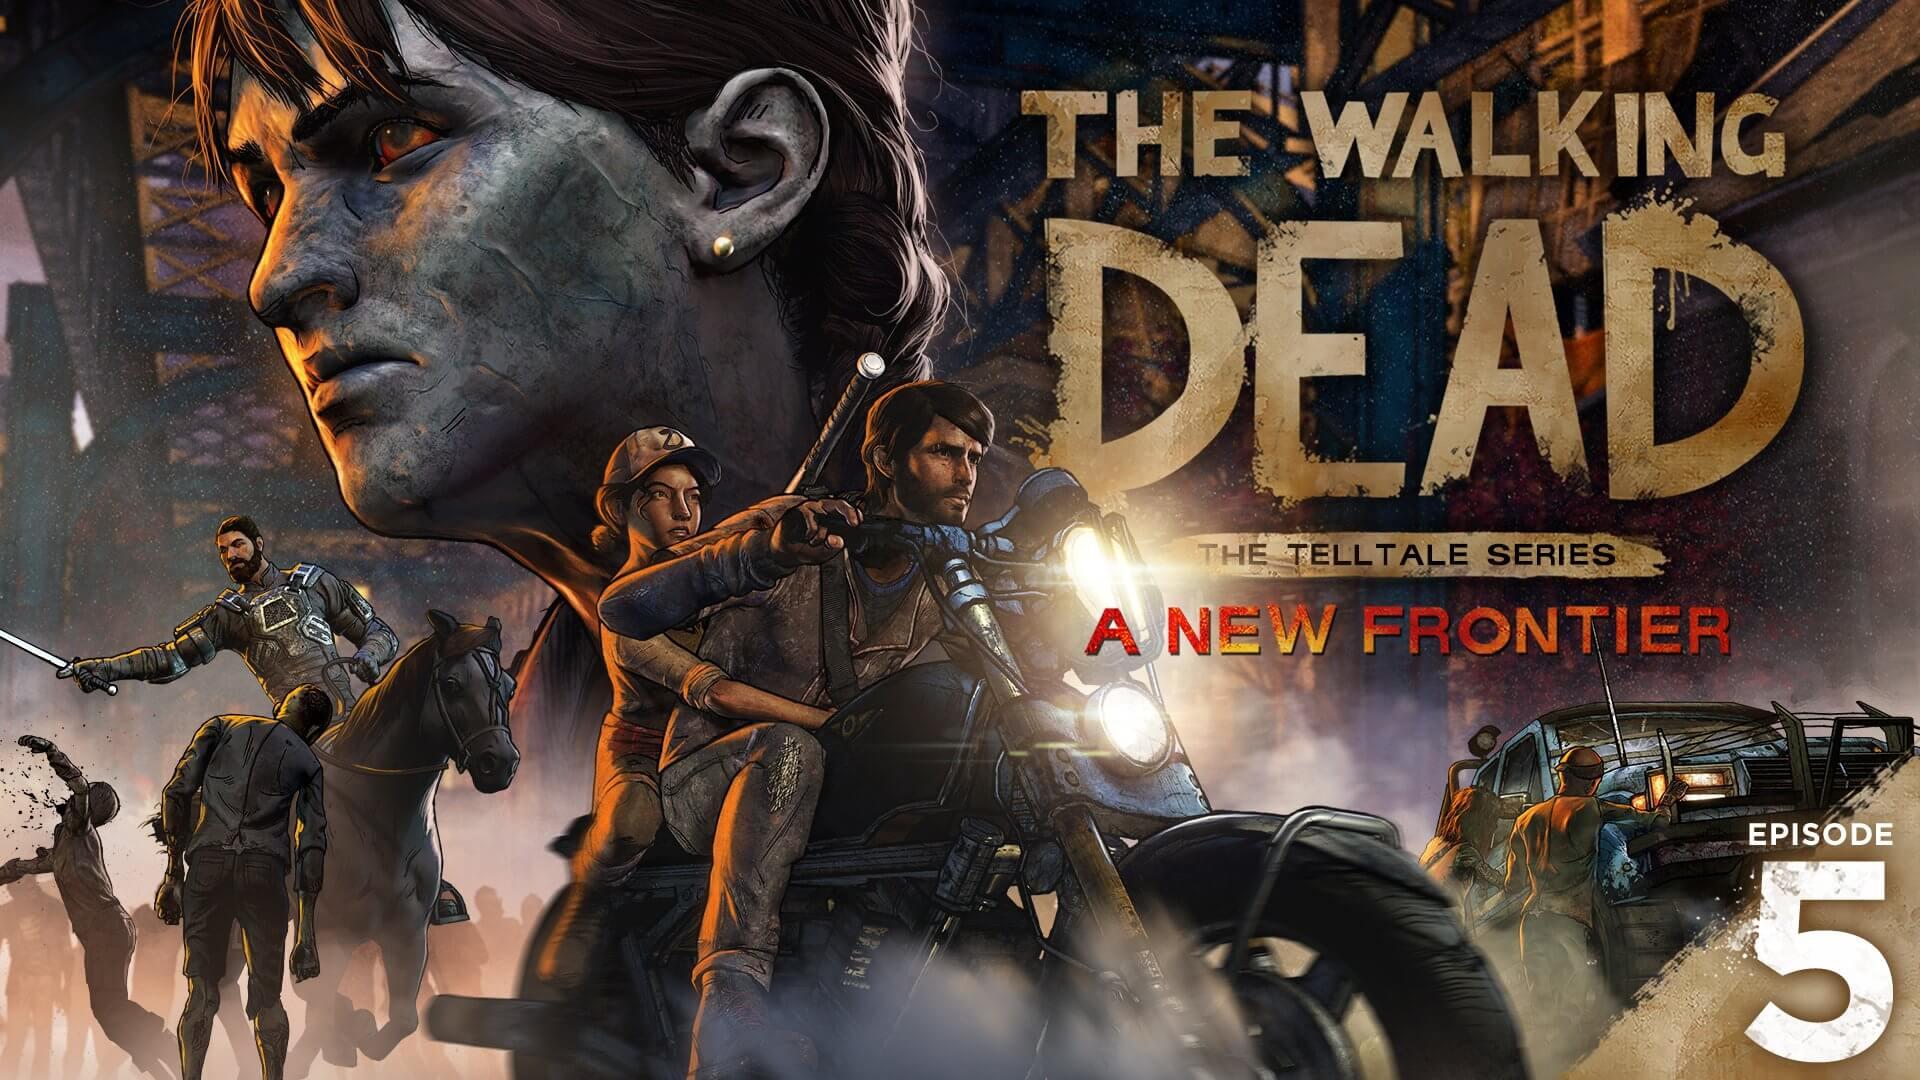 The walking dead season 5 wallpaper 2018 in the walking dead.